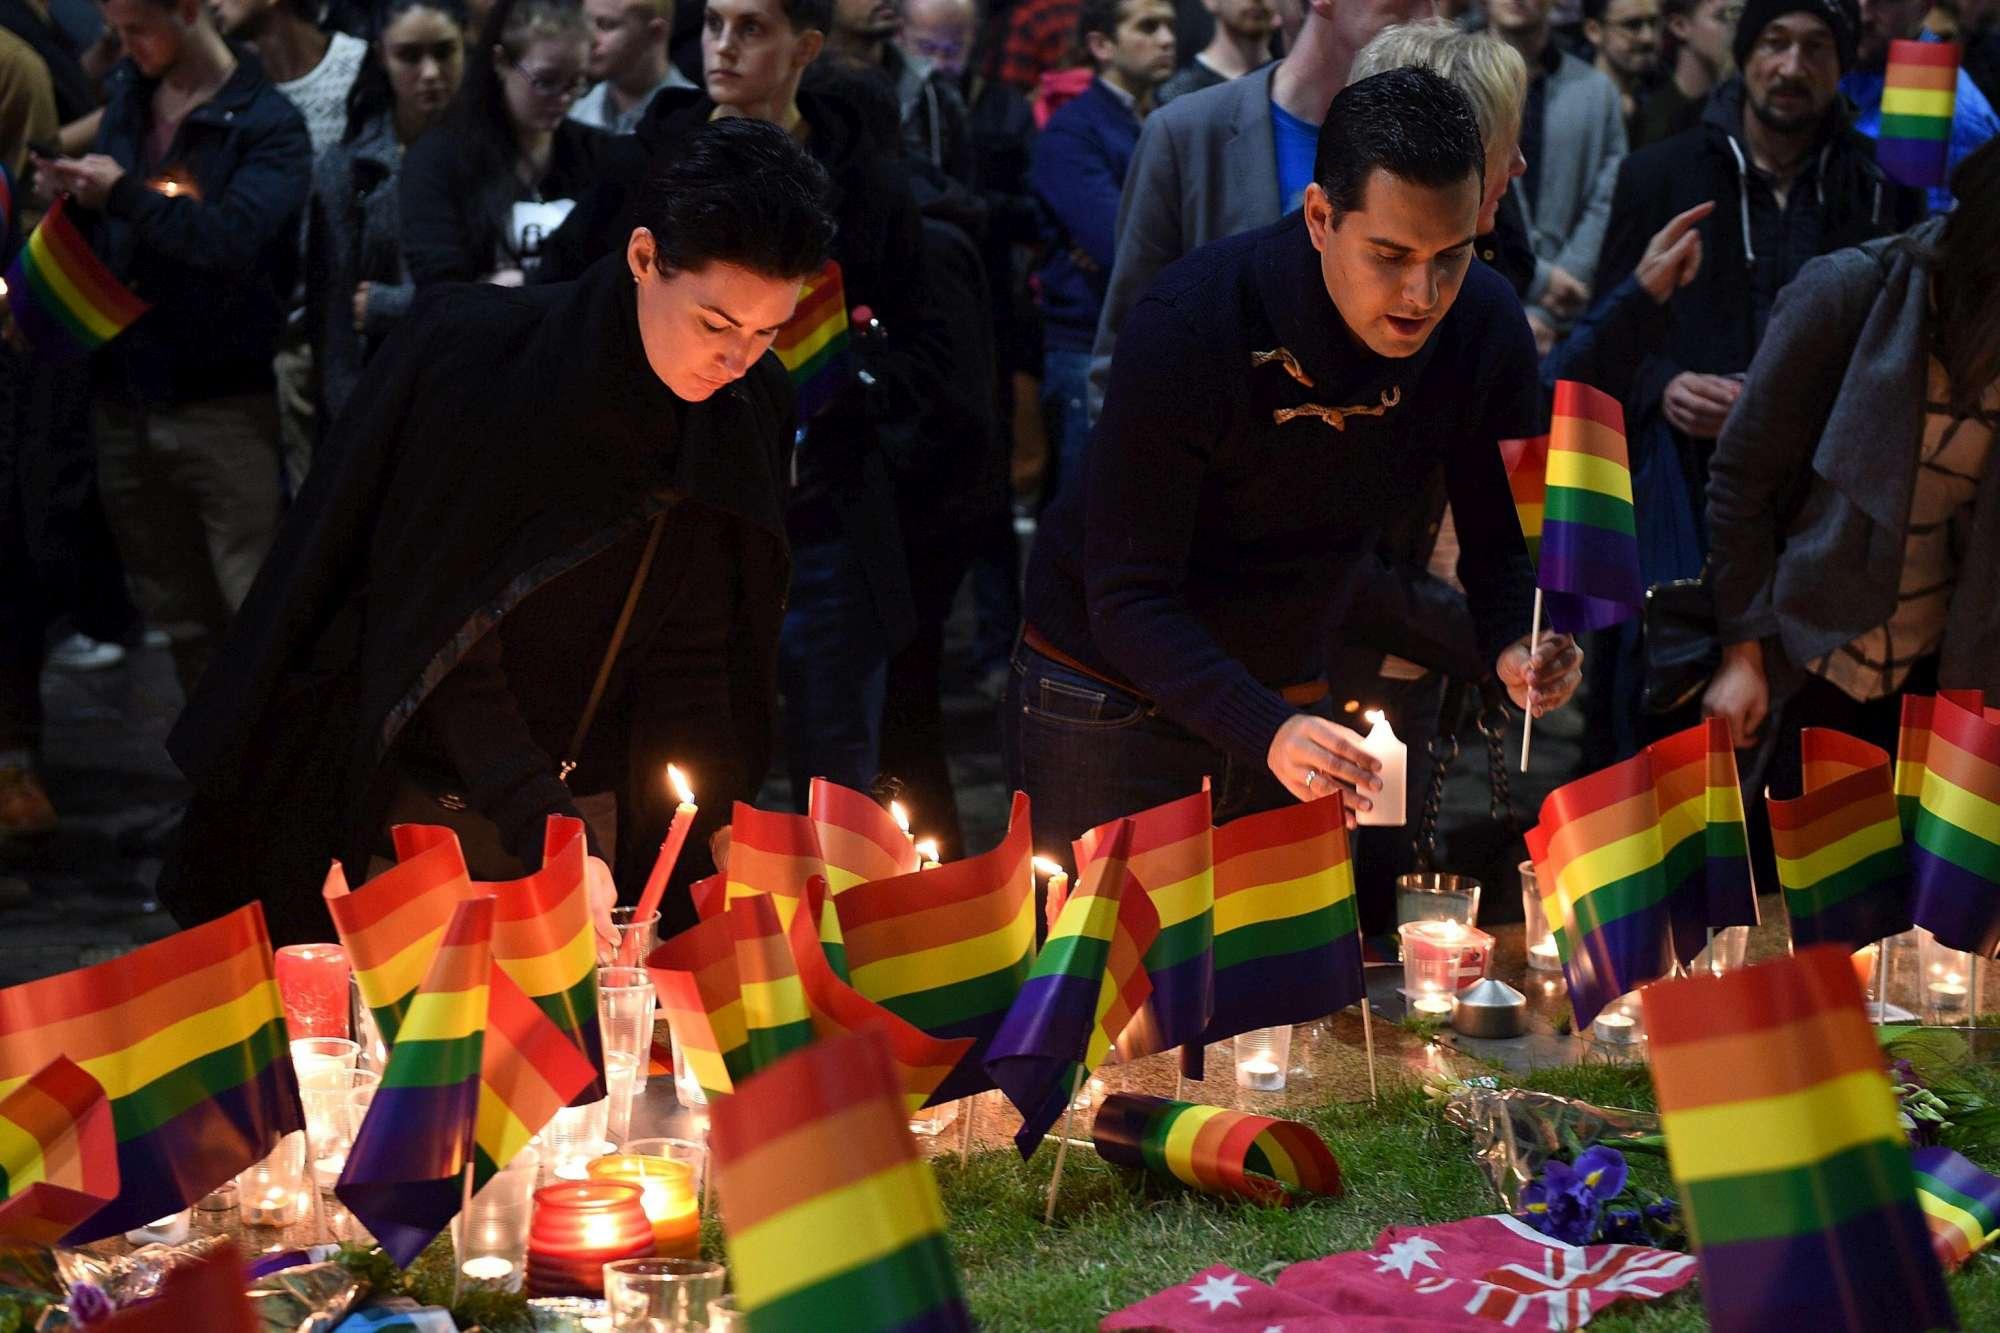 Strage Orlando, commozione alla veglia notturna